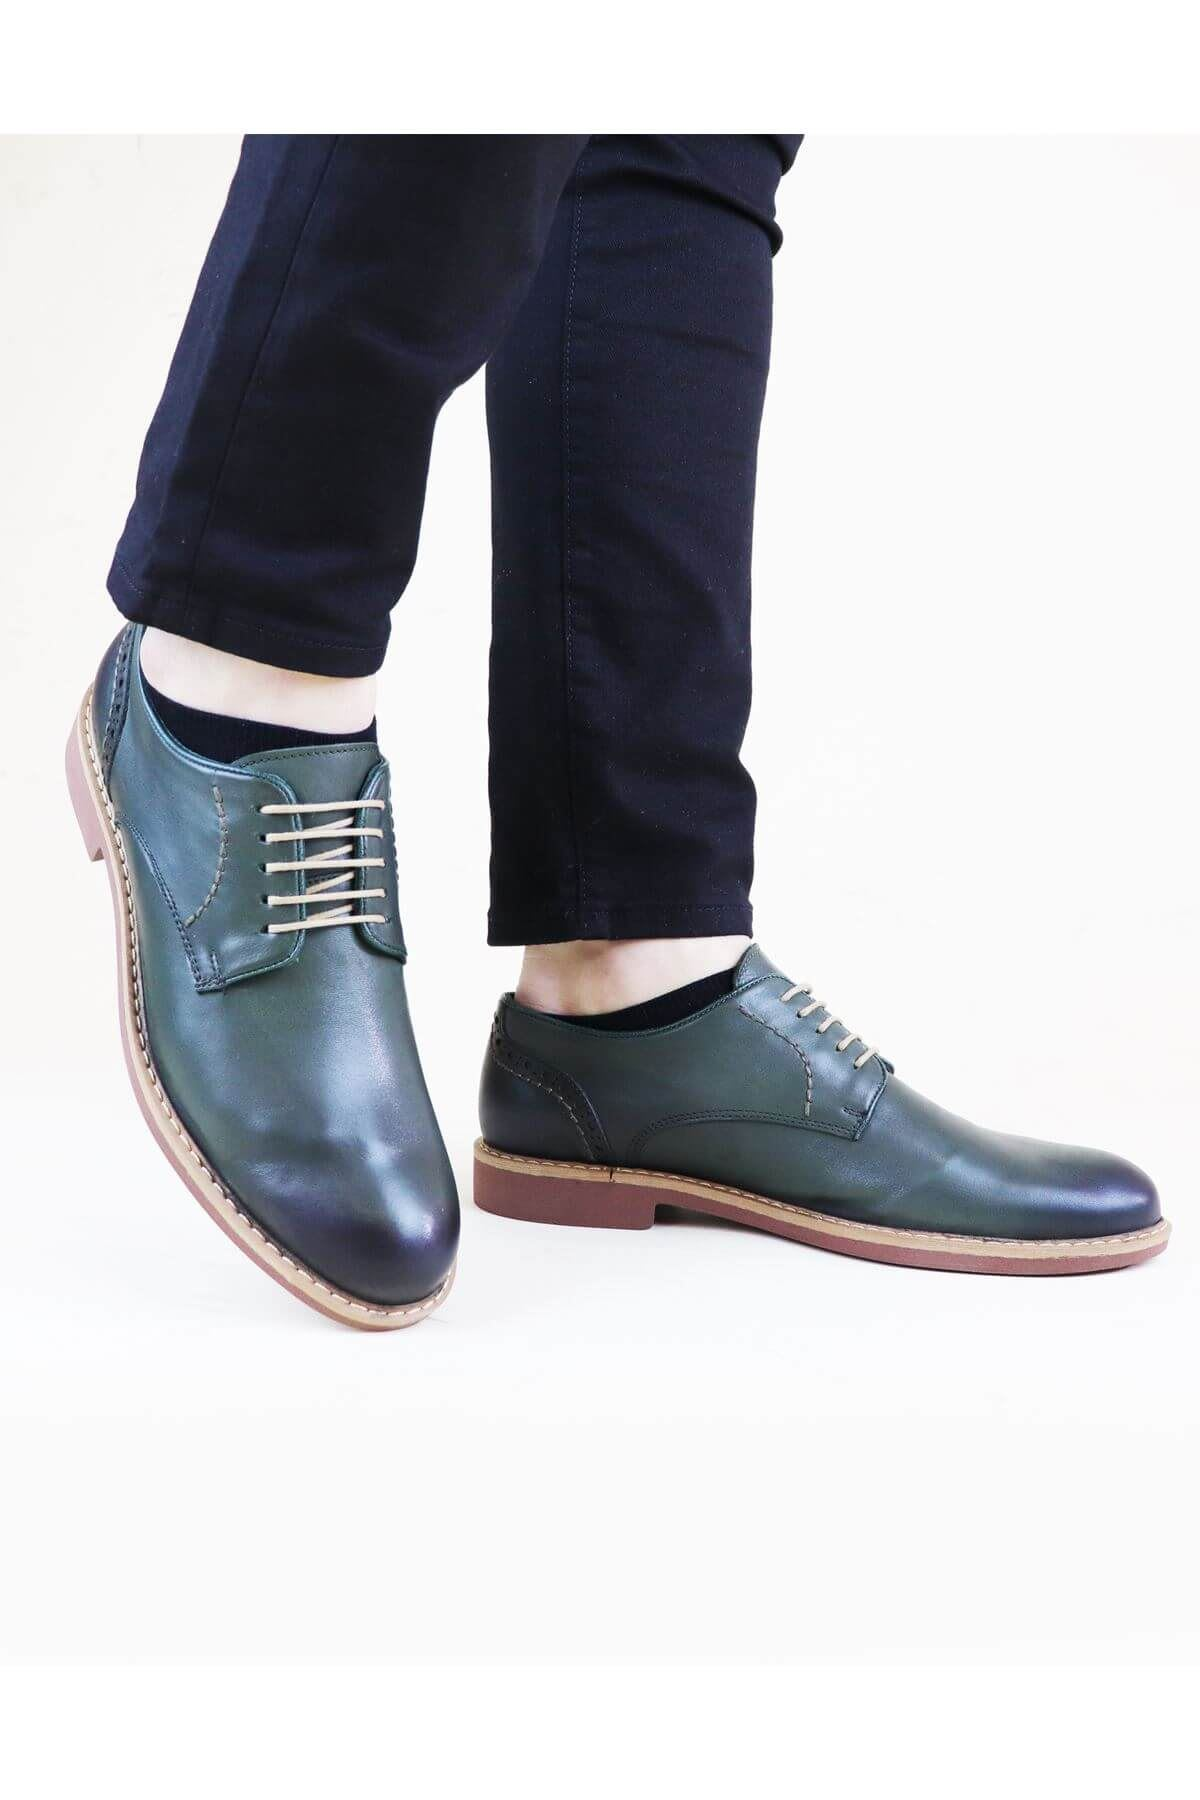 Free Foot 2650 Yeşil  Hakiki Deri Erkek Ayakkabısı